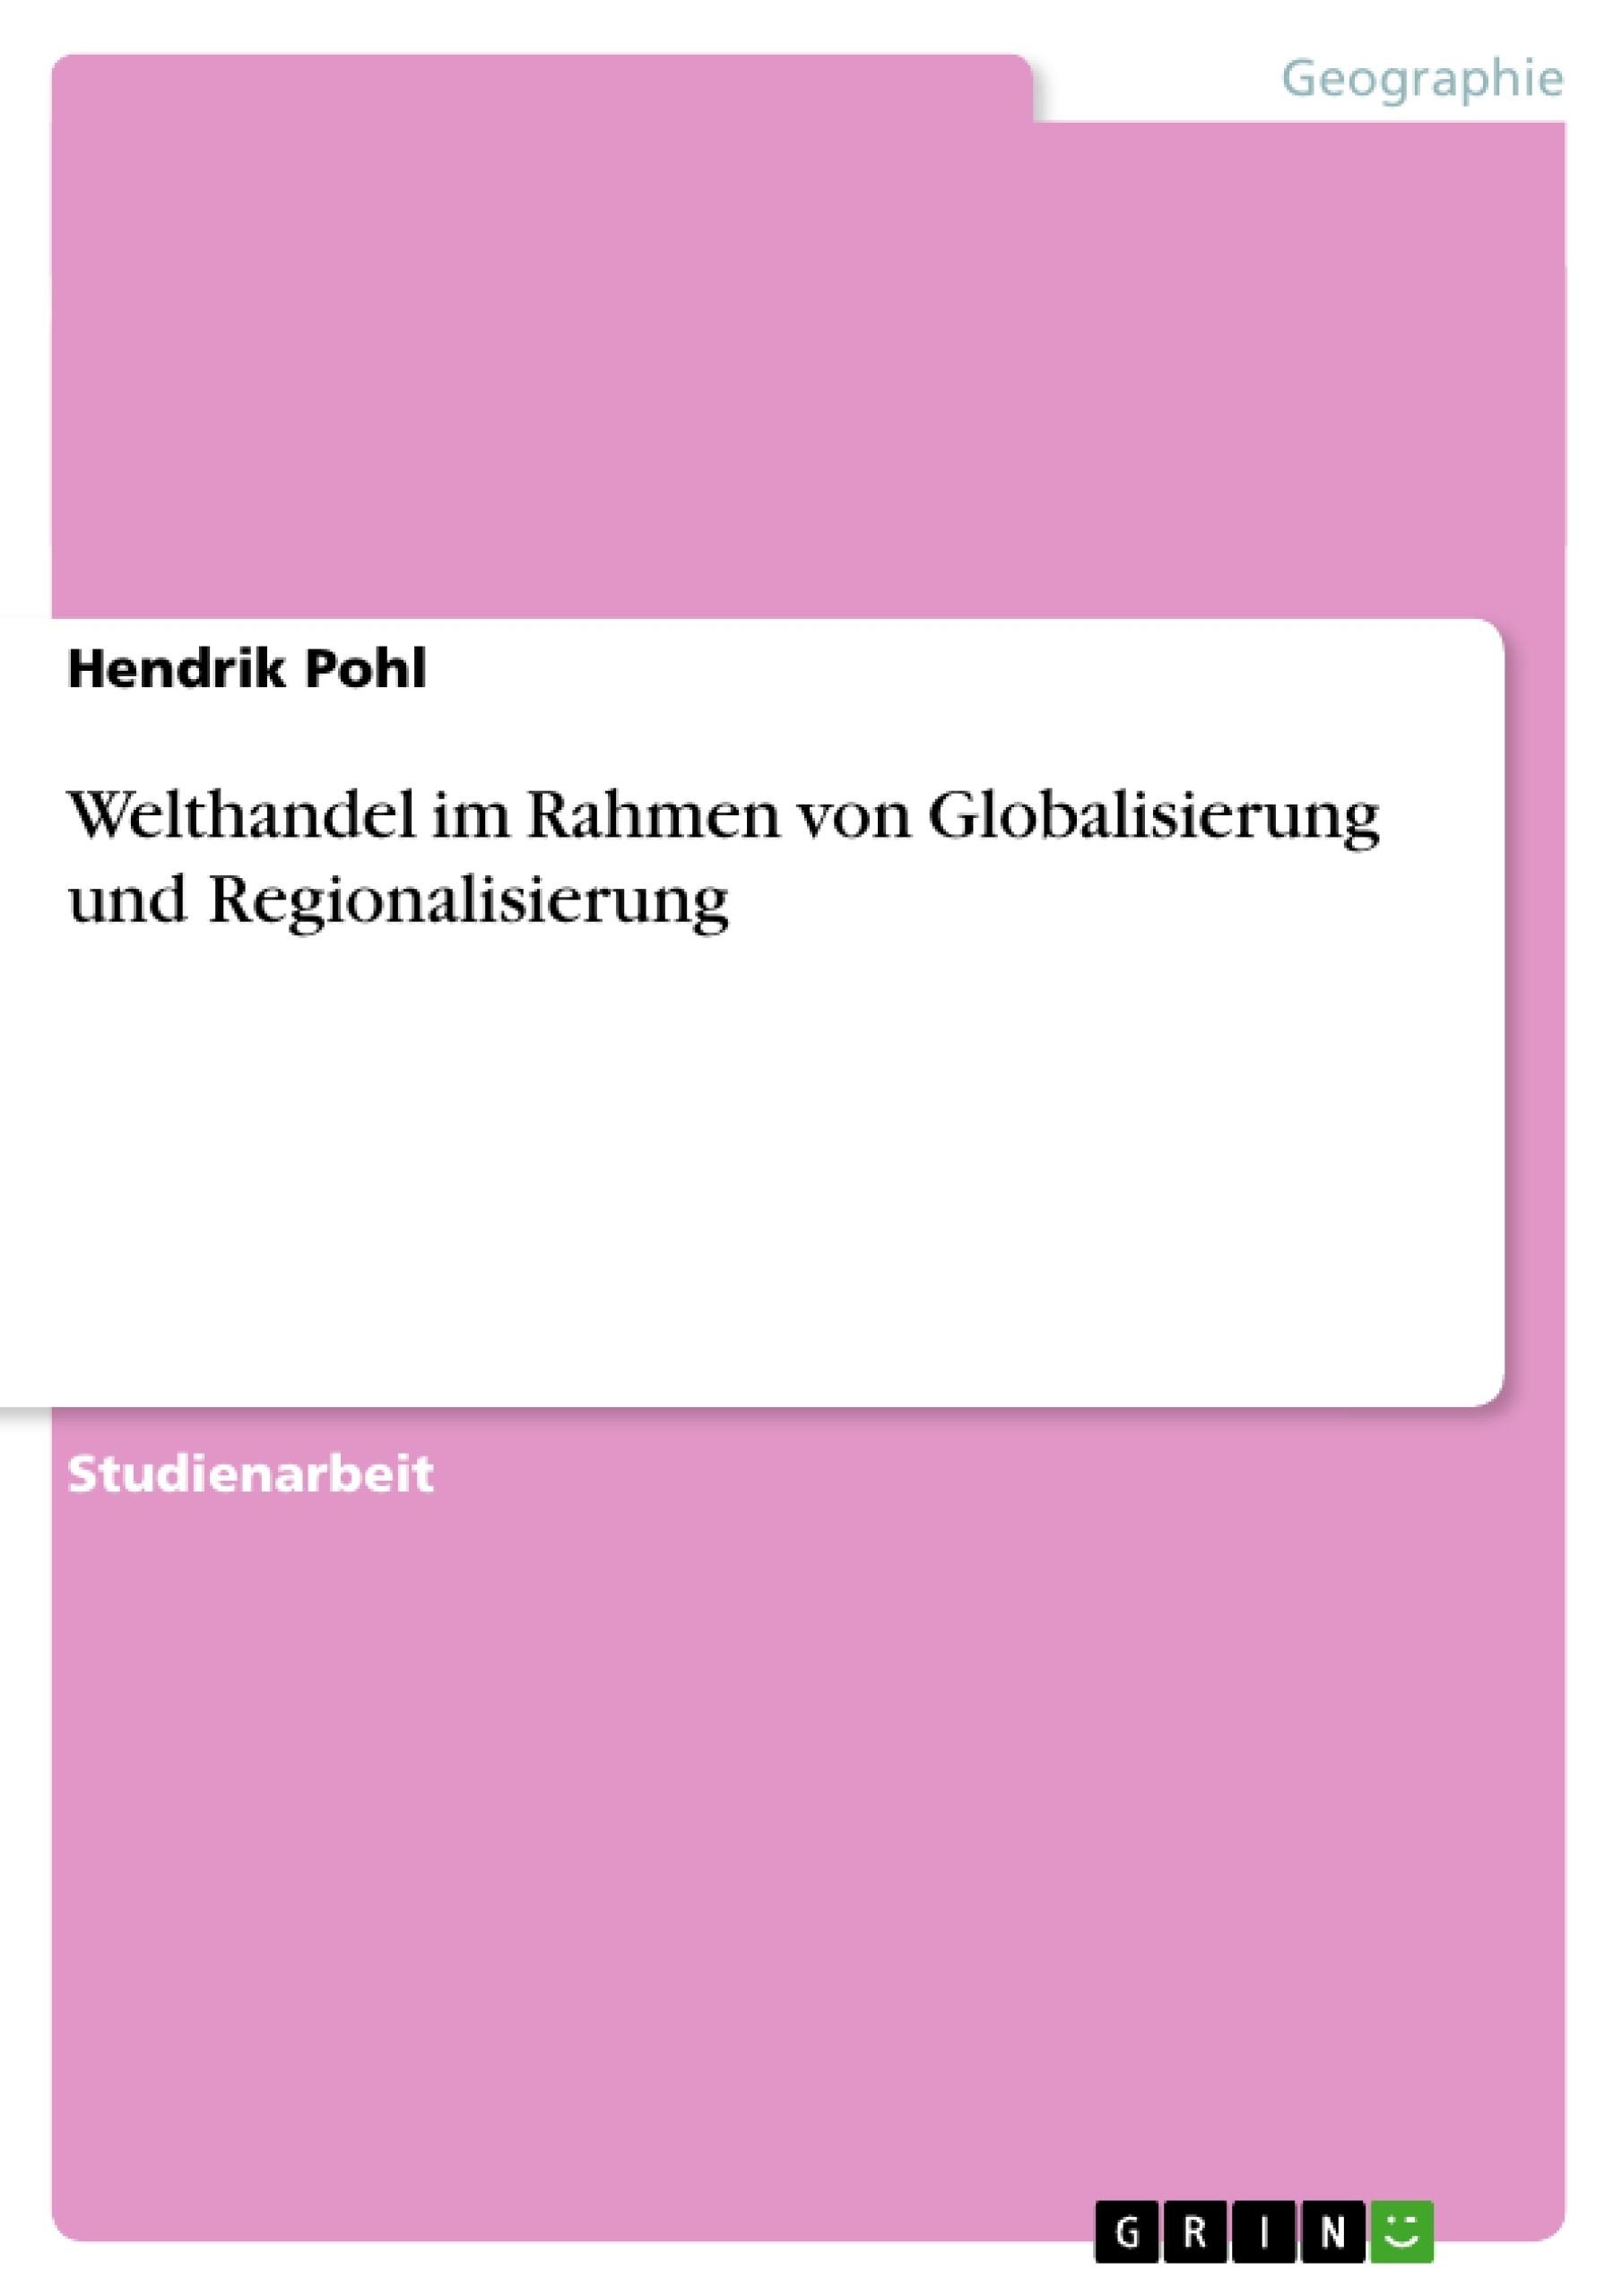 Titel: Welthandel im Rahmen von Globalisierung und Regionalisierung